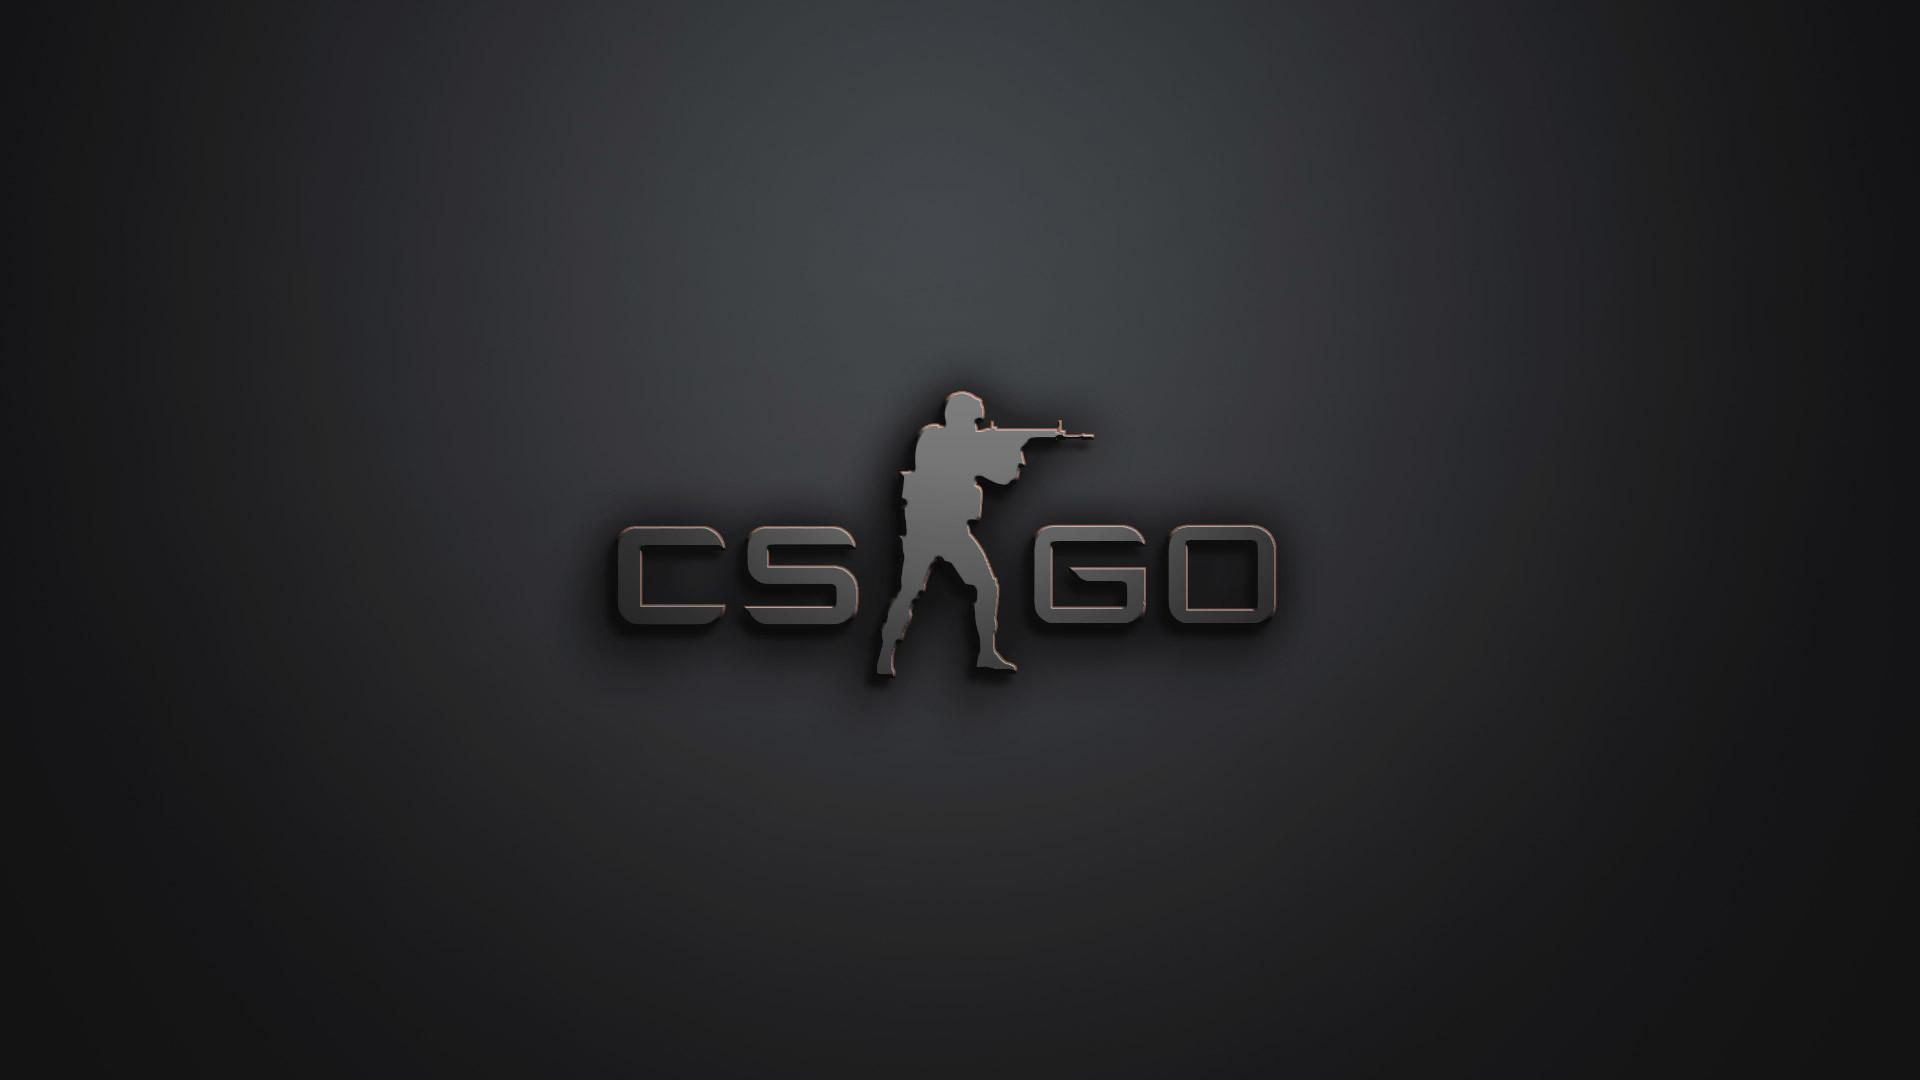 Cs Go Wallpaper